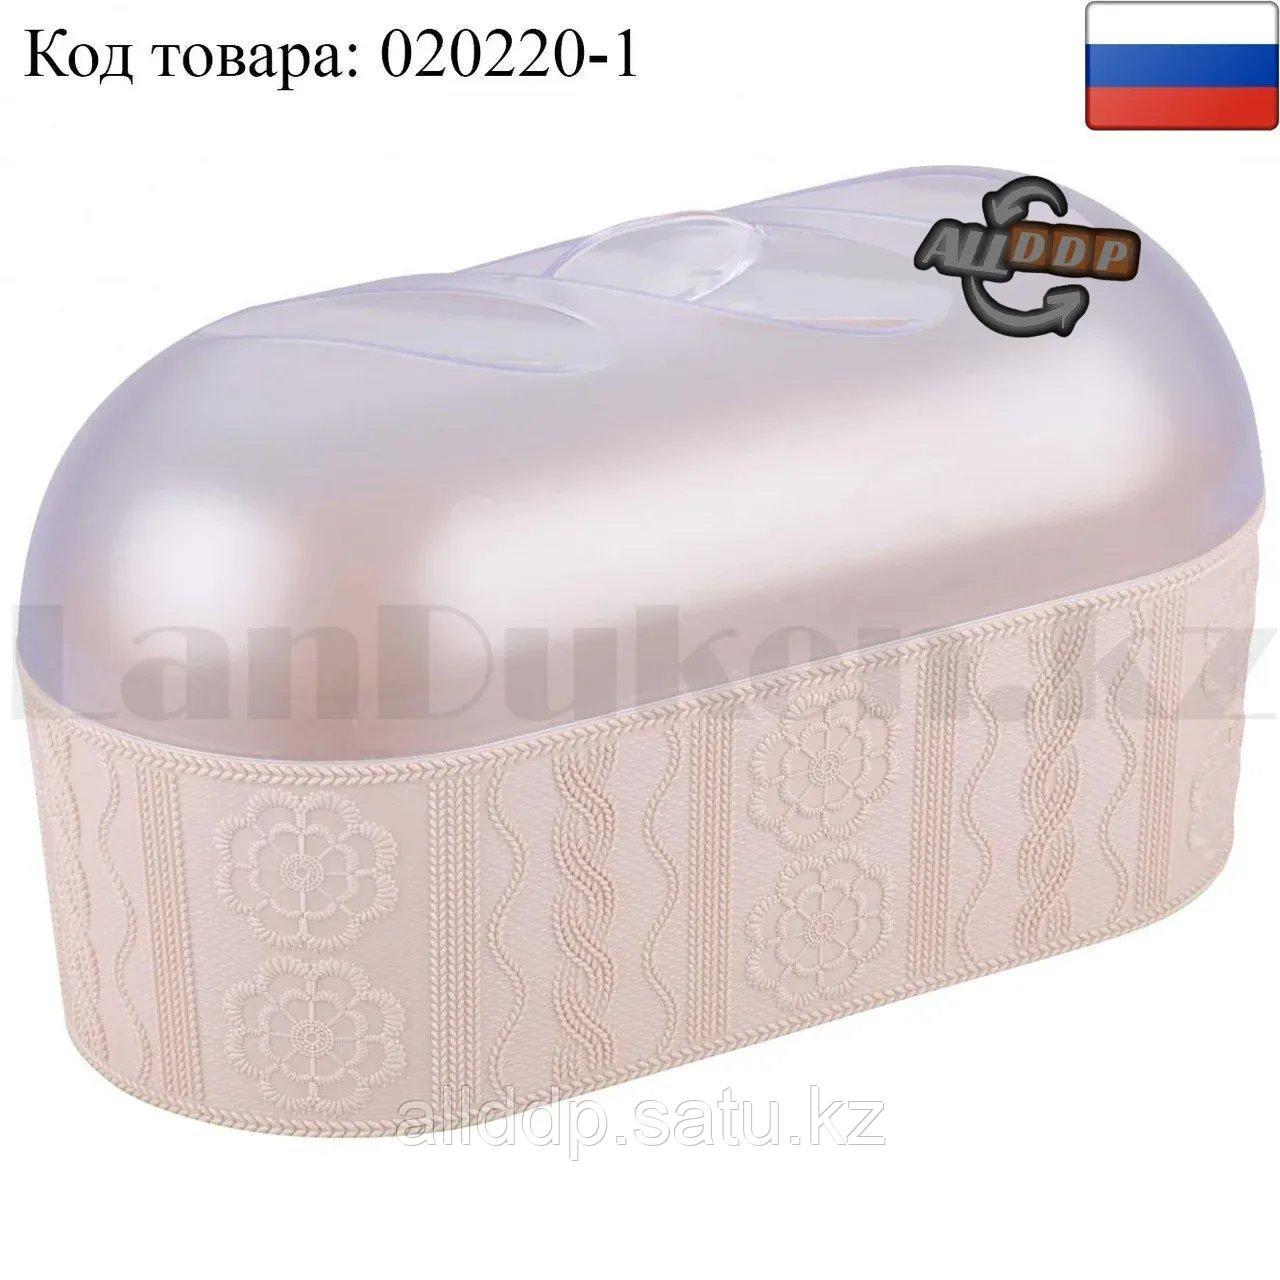 """Хлебница для хранения хлебобулочных изделий """"Меланж"""" пластиковая прозрачная крышка (розовая)"""